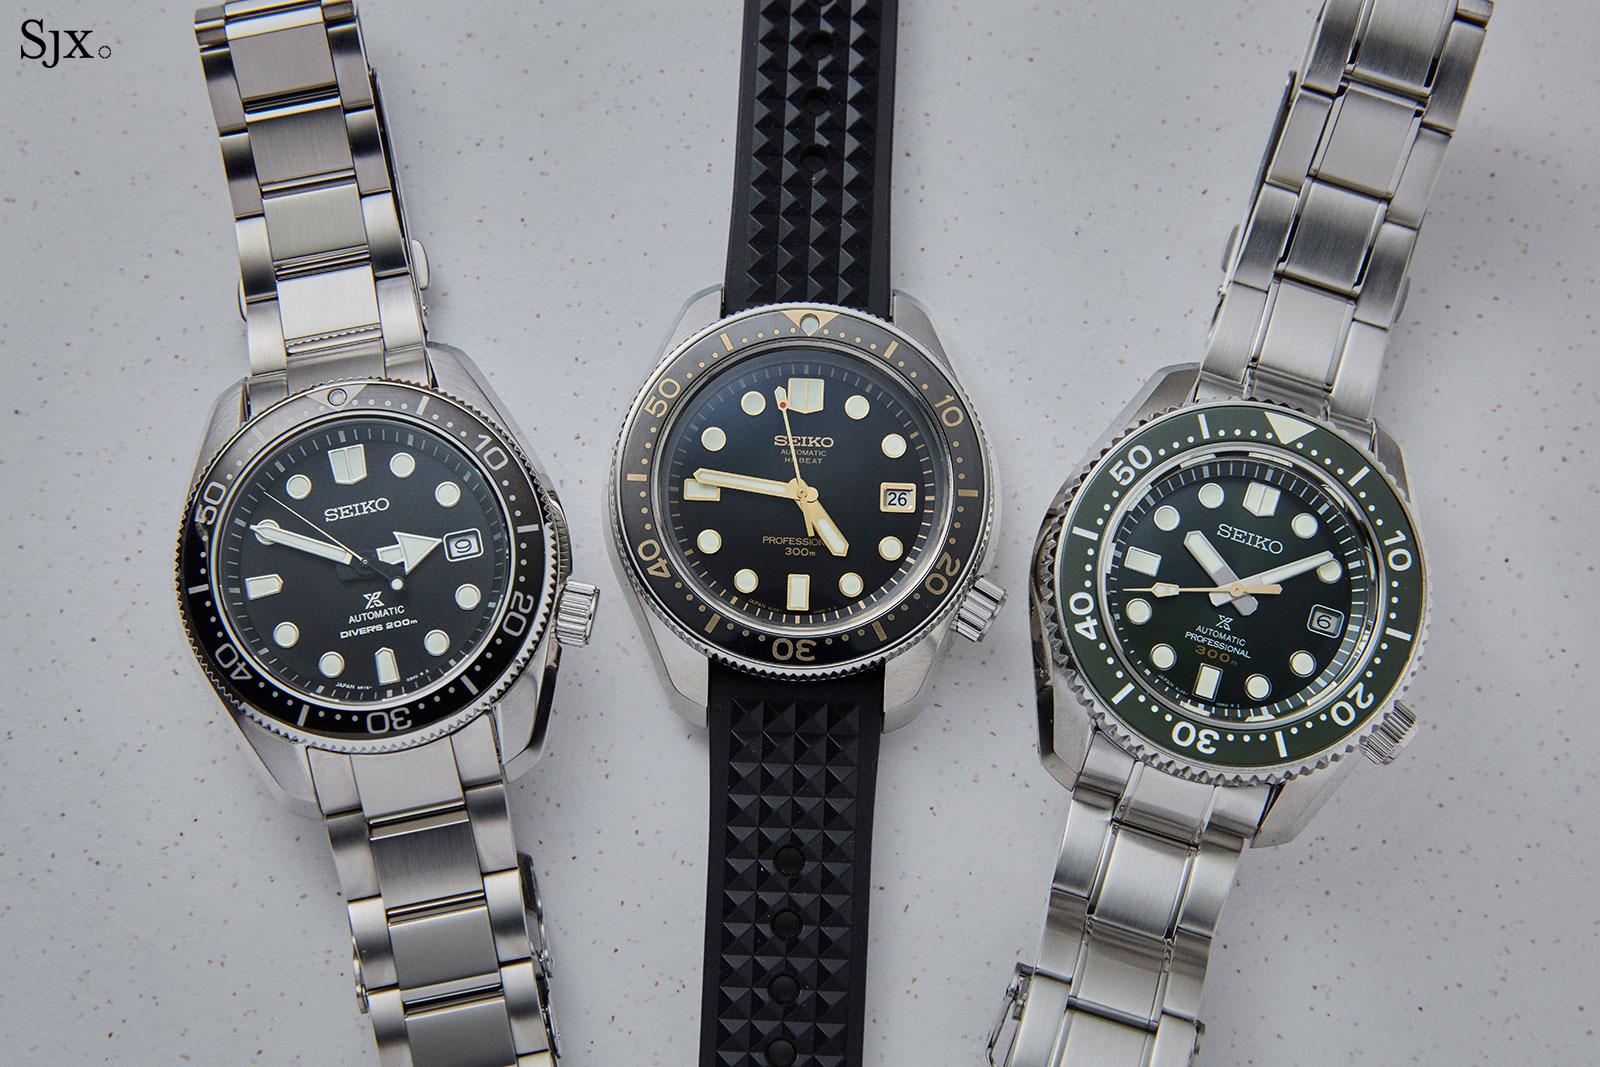 Seiko Prospex divers SLA025-SPB077-SLA019